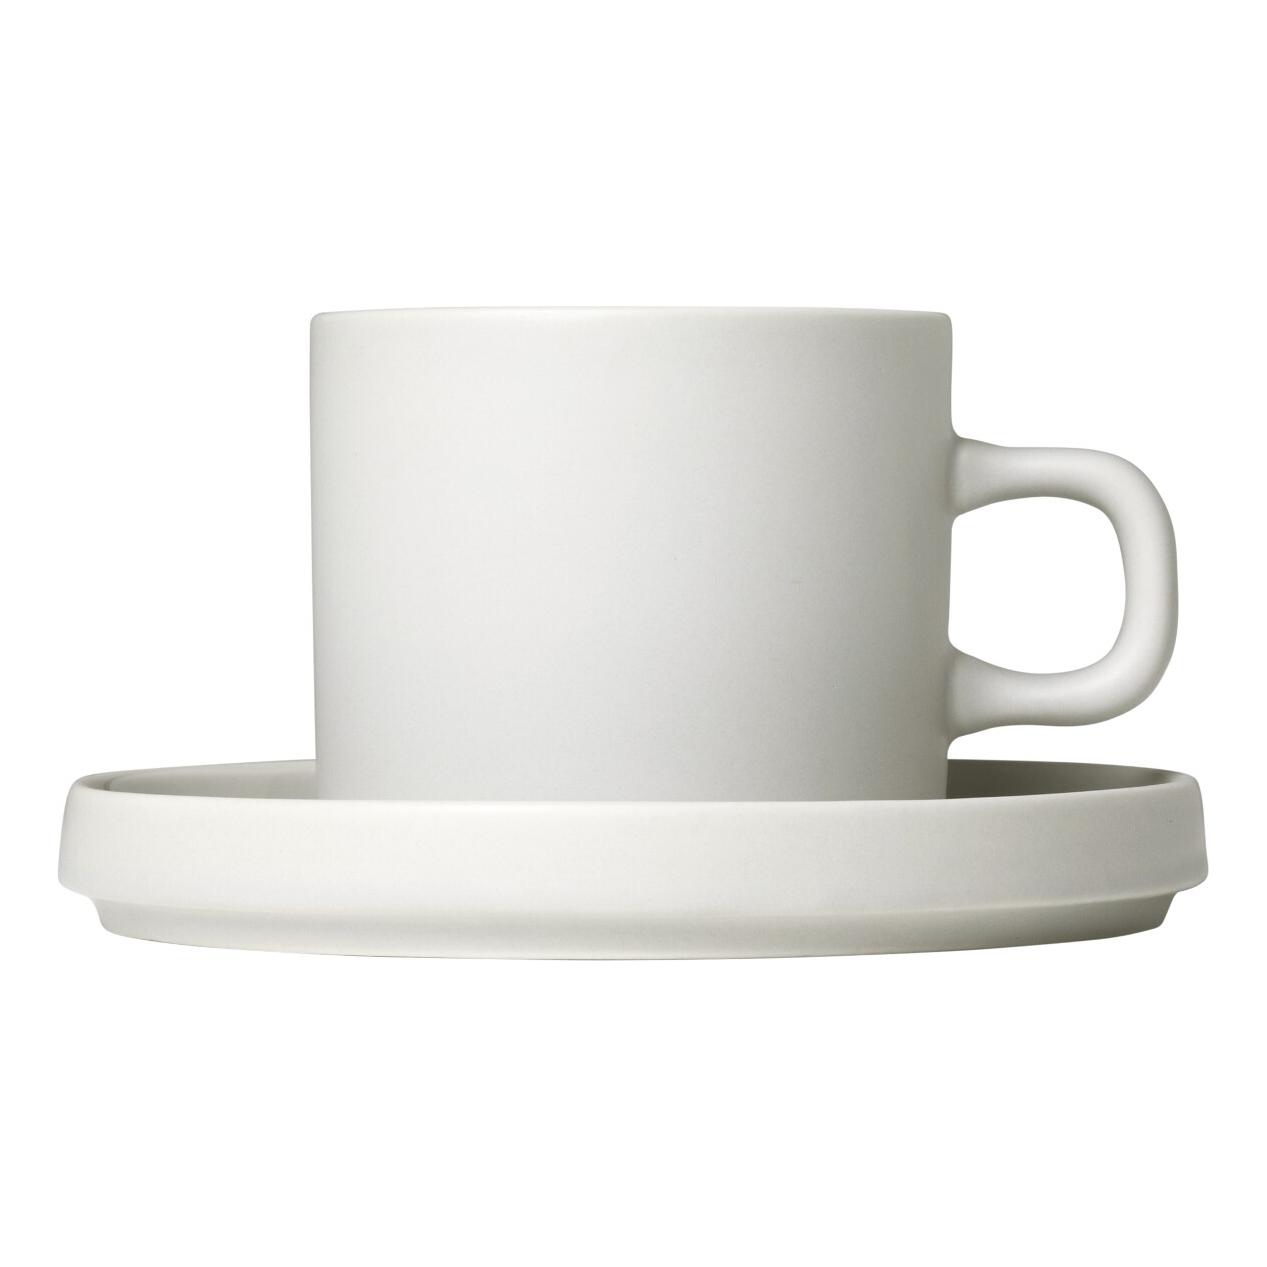 Súprava 2 hrnčekov na kávu s tanierikmi MIO krémová 0,2 l Blomus